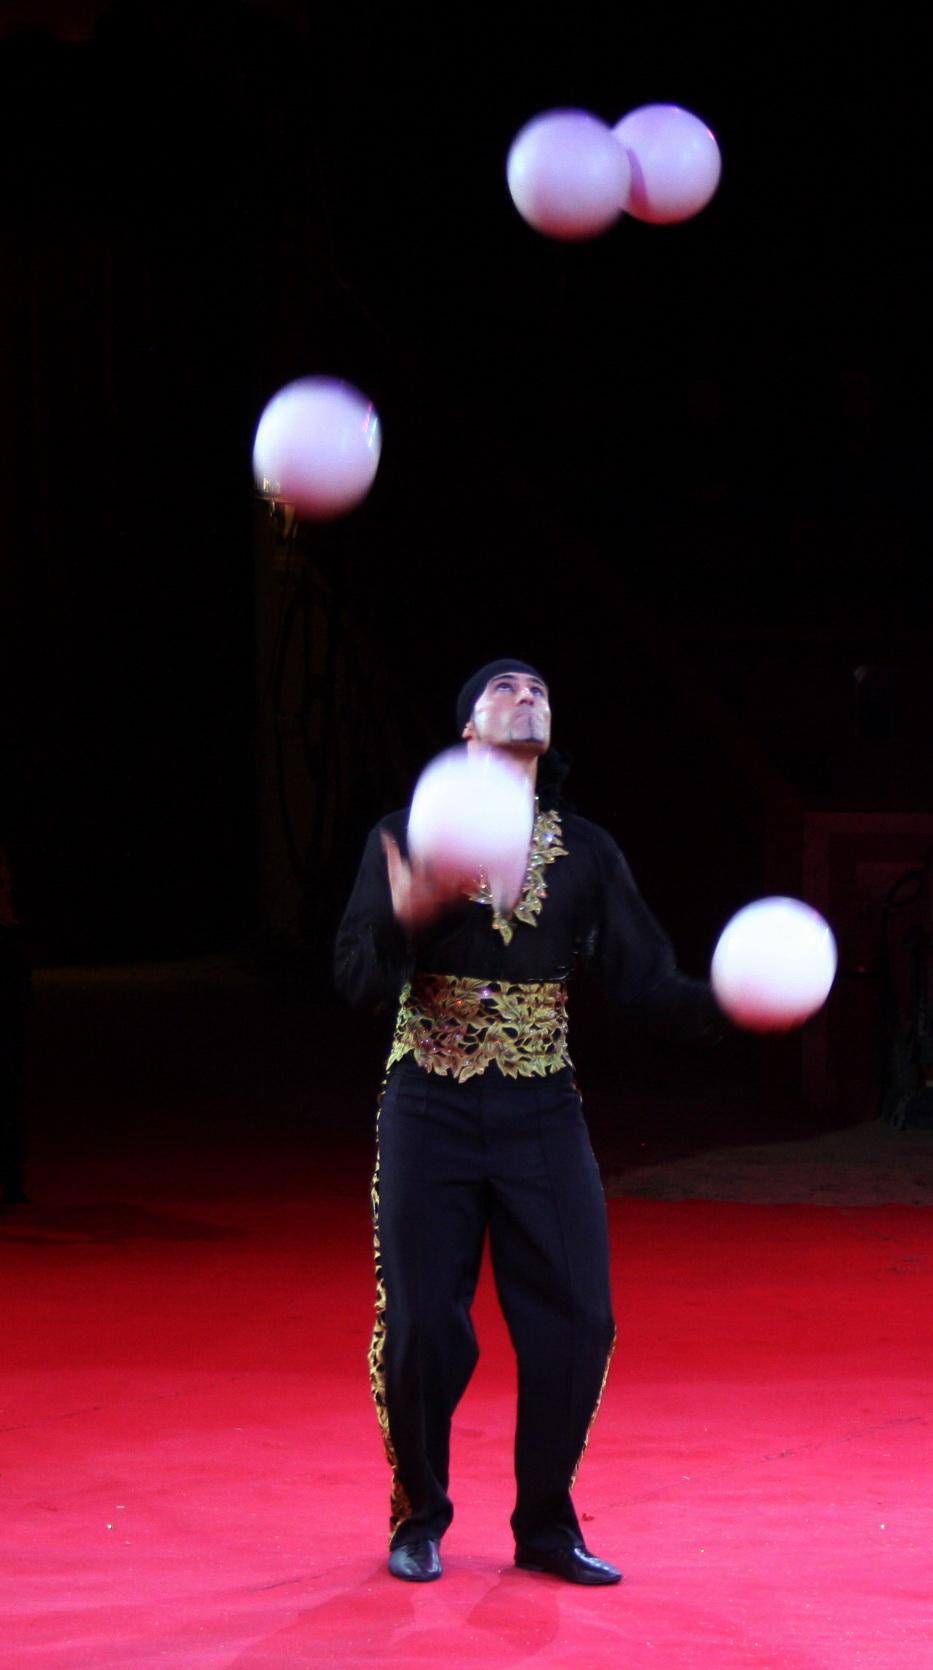 Jonglierender Zirkusartist